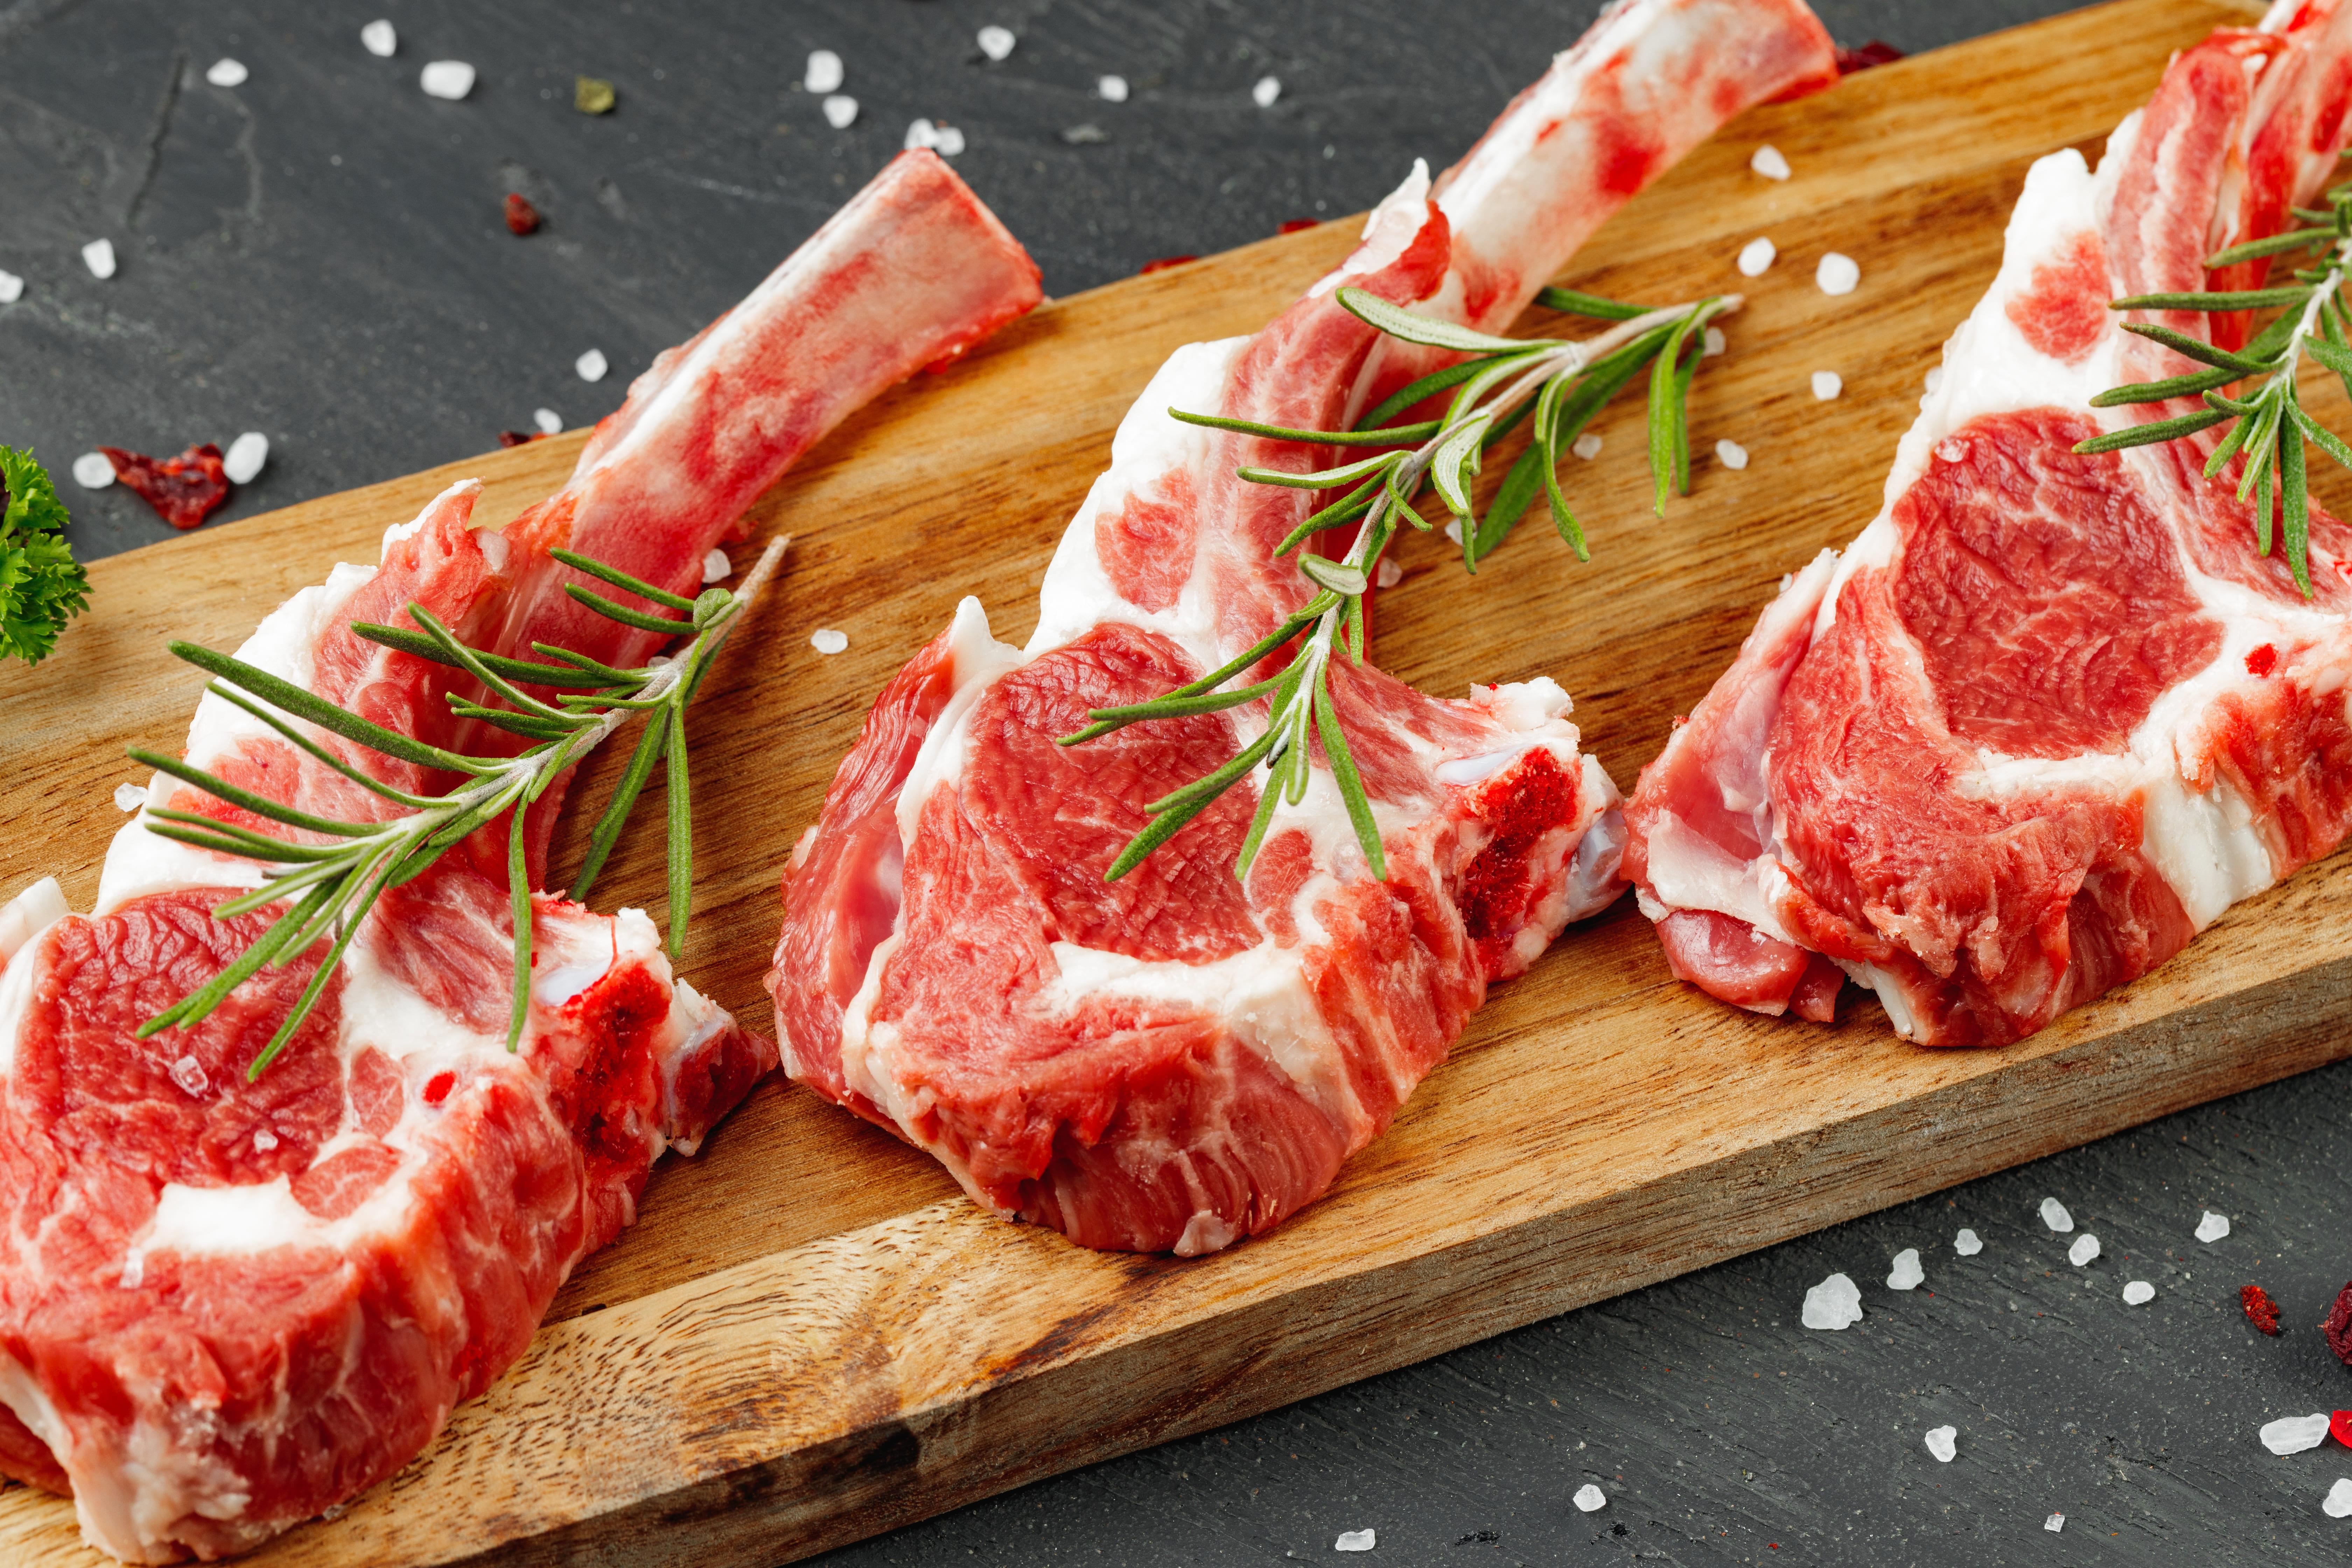 羊肉。ラムとマトン以外にも種類があるって知ってた?